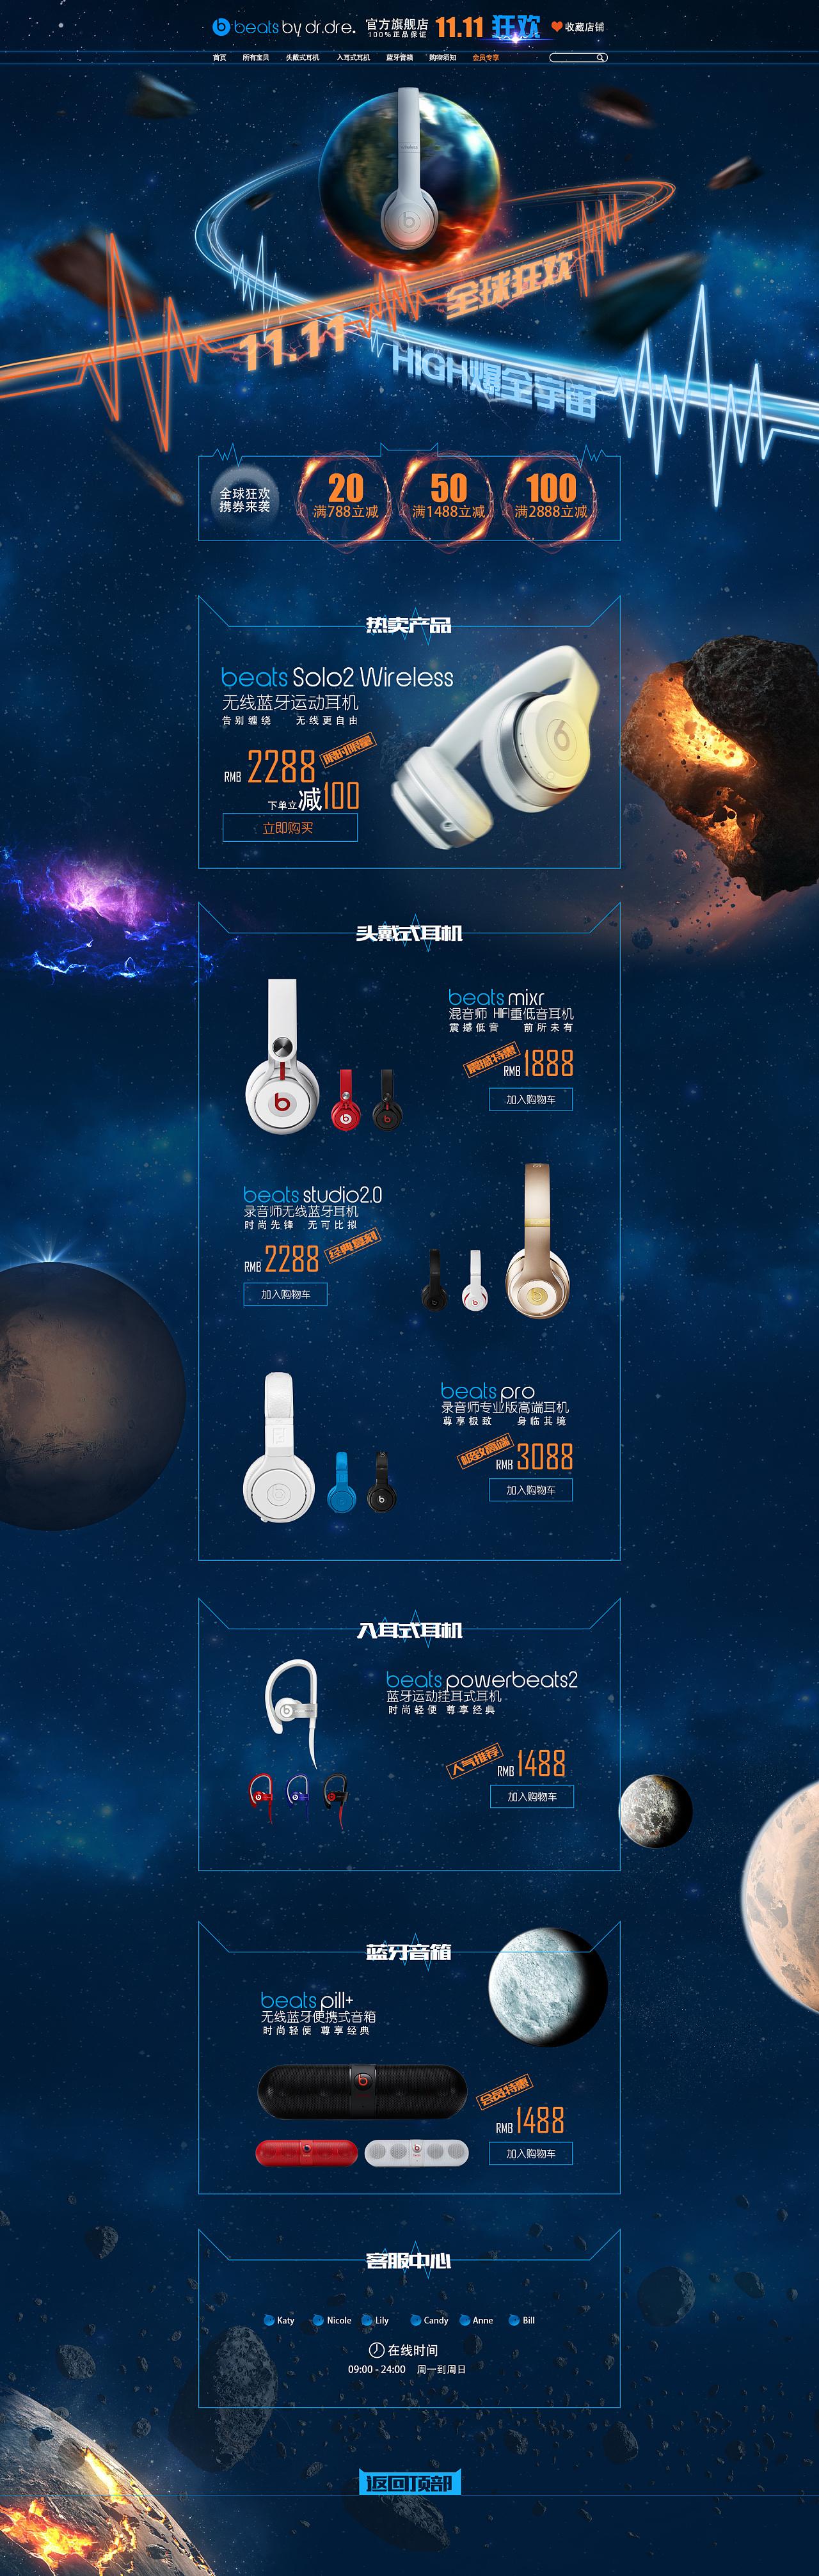 南京  |  ui设计师 电商专题-beats耳机双十一专题页 原创  -  网页图片